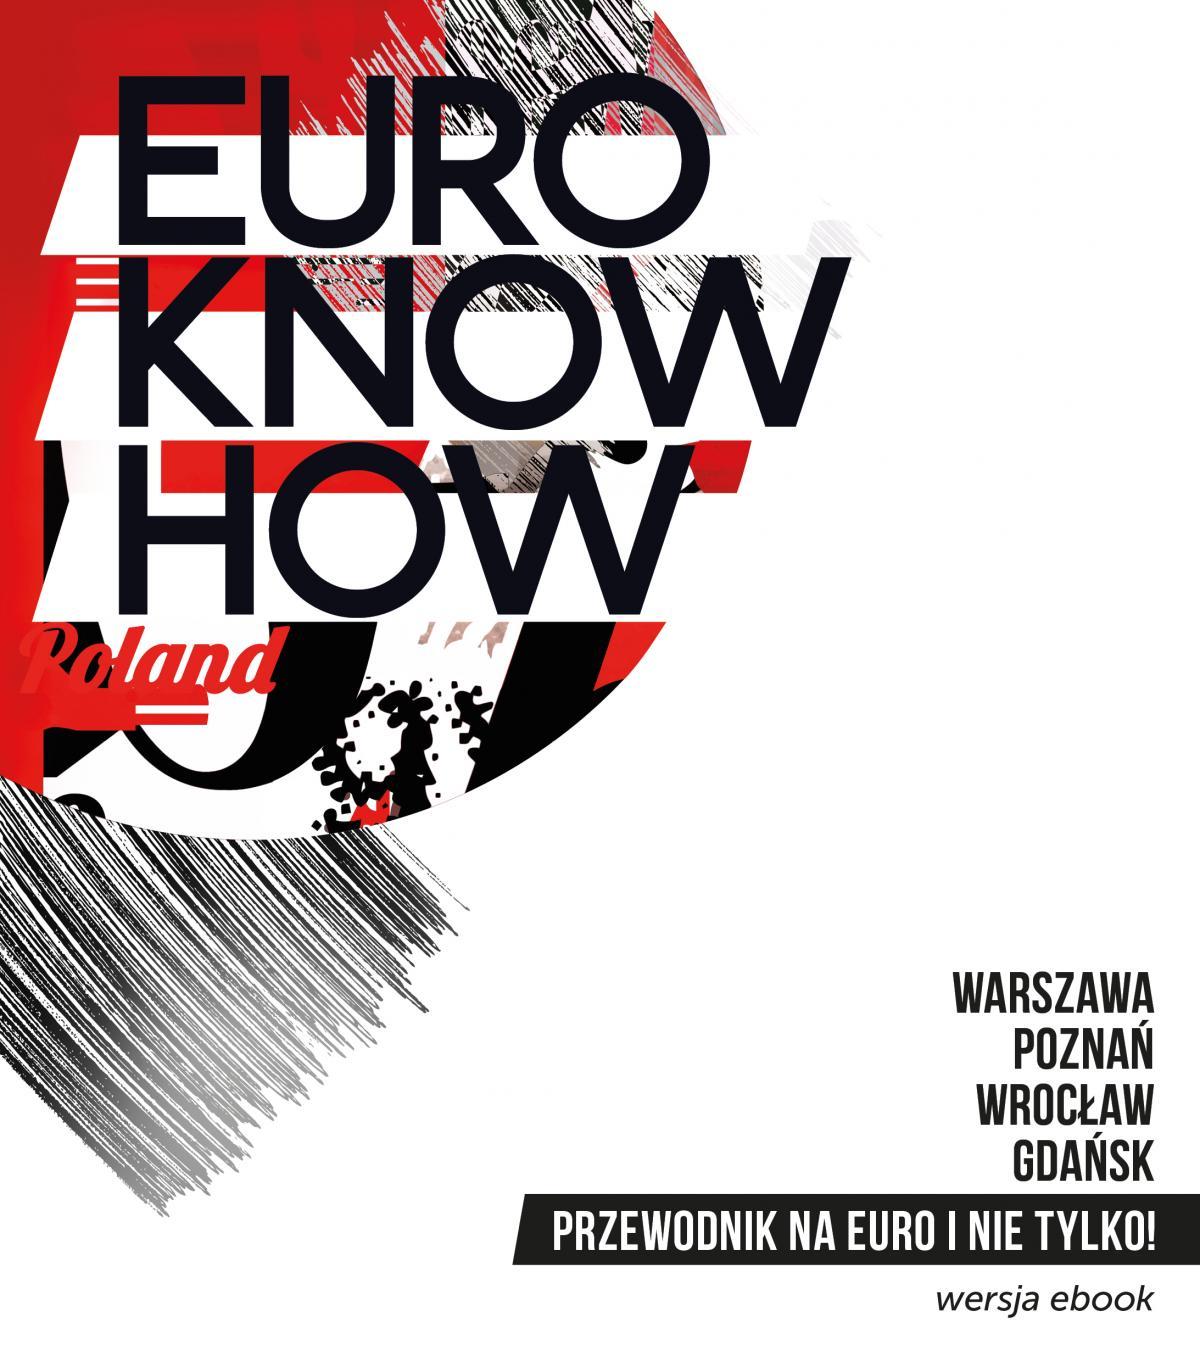 Przewodnik Euro know how - wersja polska - Ebook (Książka PDF) do pobrania w formacie PDF